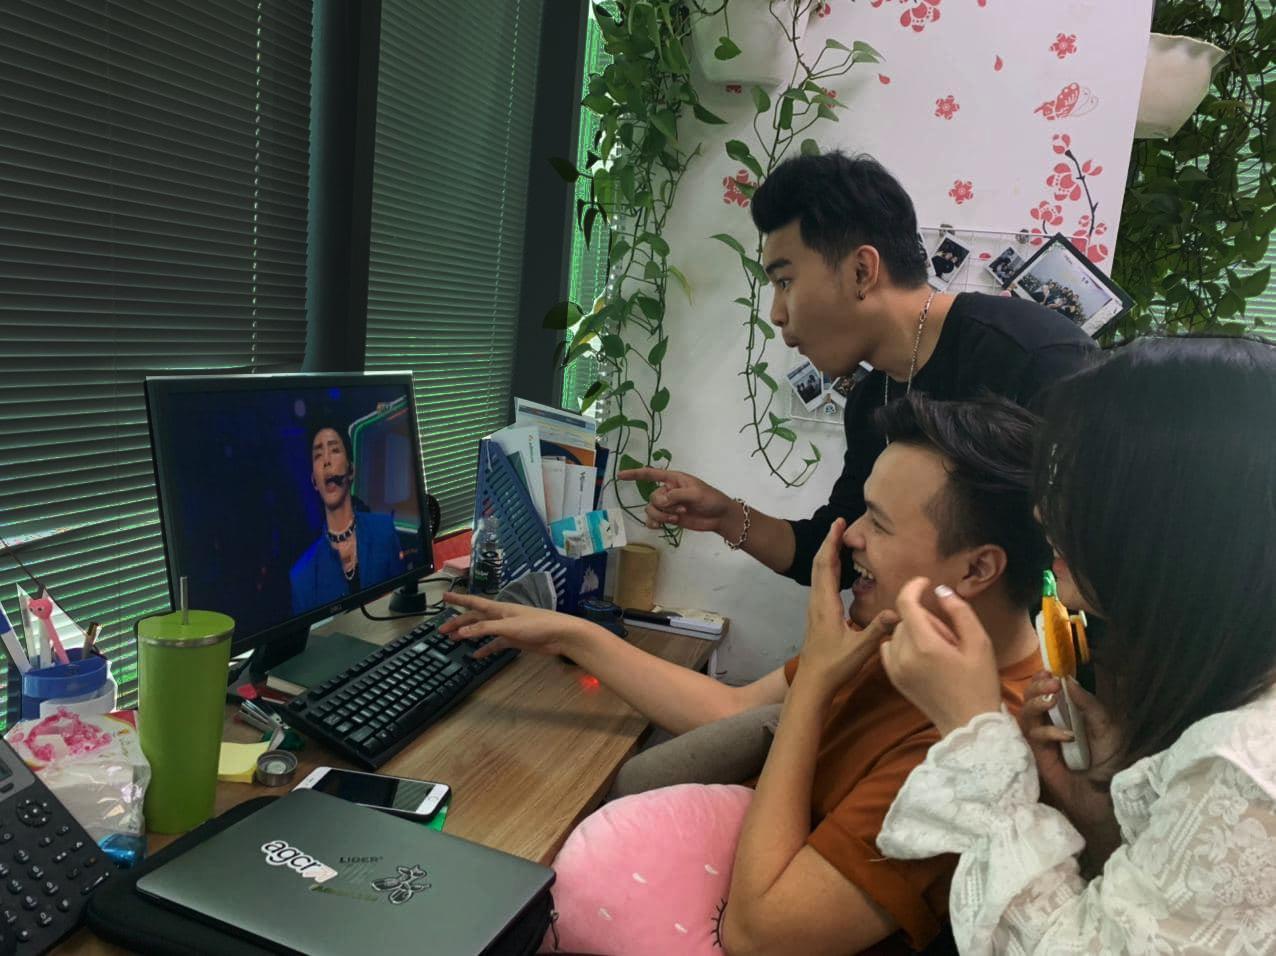 """Cười té ghế với loạt ảnh người Việt """"dán mắt"""" xem Super Show trực tuyến, say sưa đến bỏ ăn, bỏ làm - Ảnh 6."""